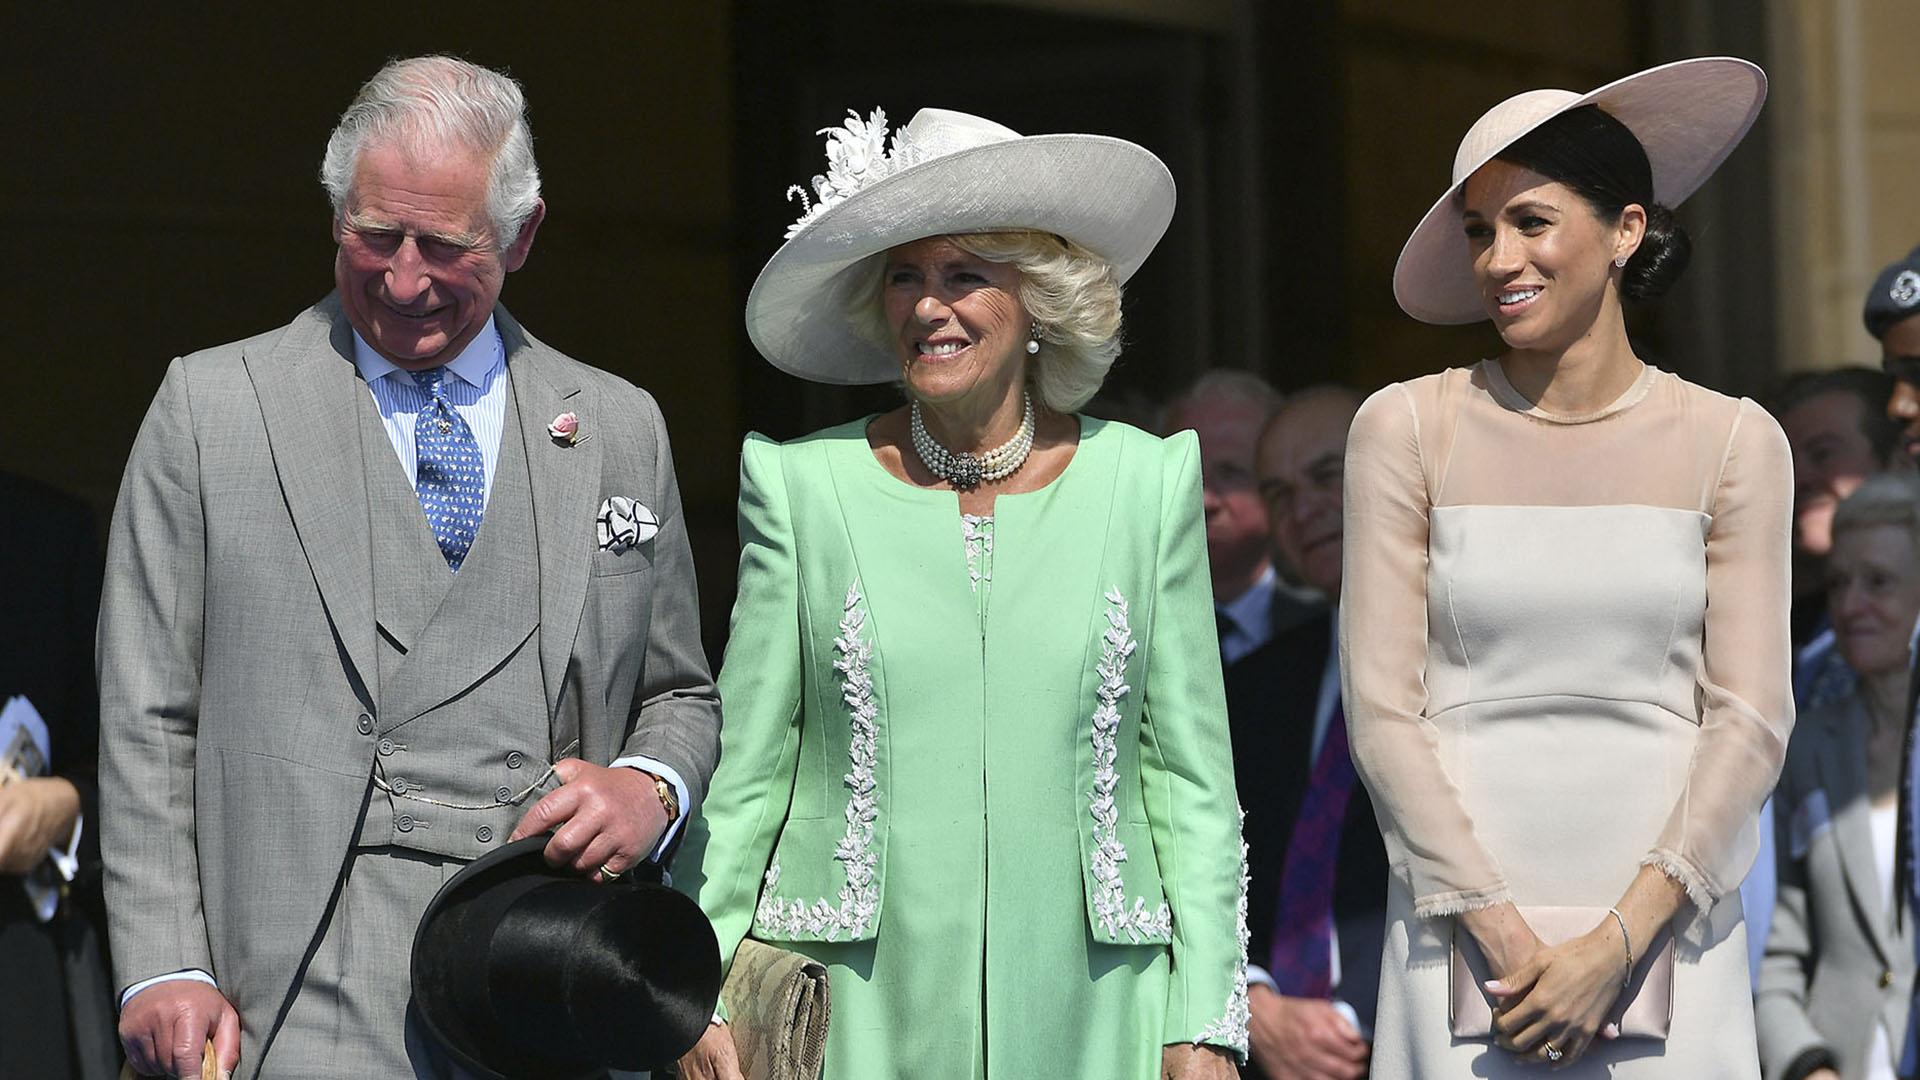 Cada integrante de la corona real británica tiene su propio escudo de armas